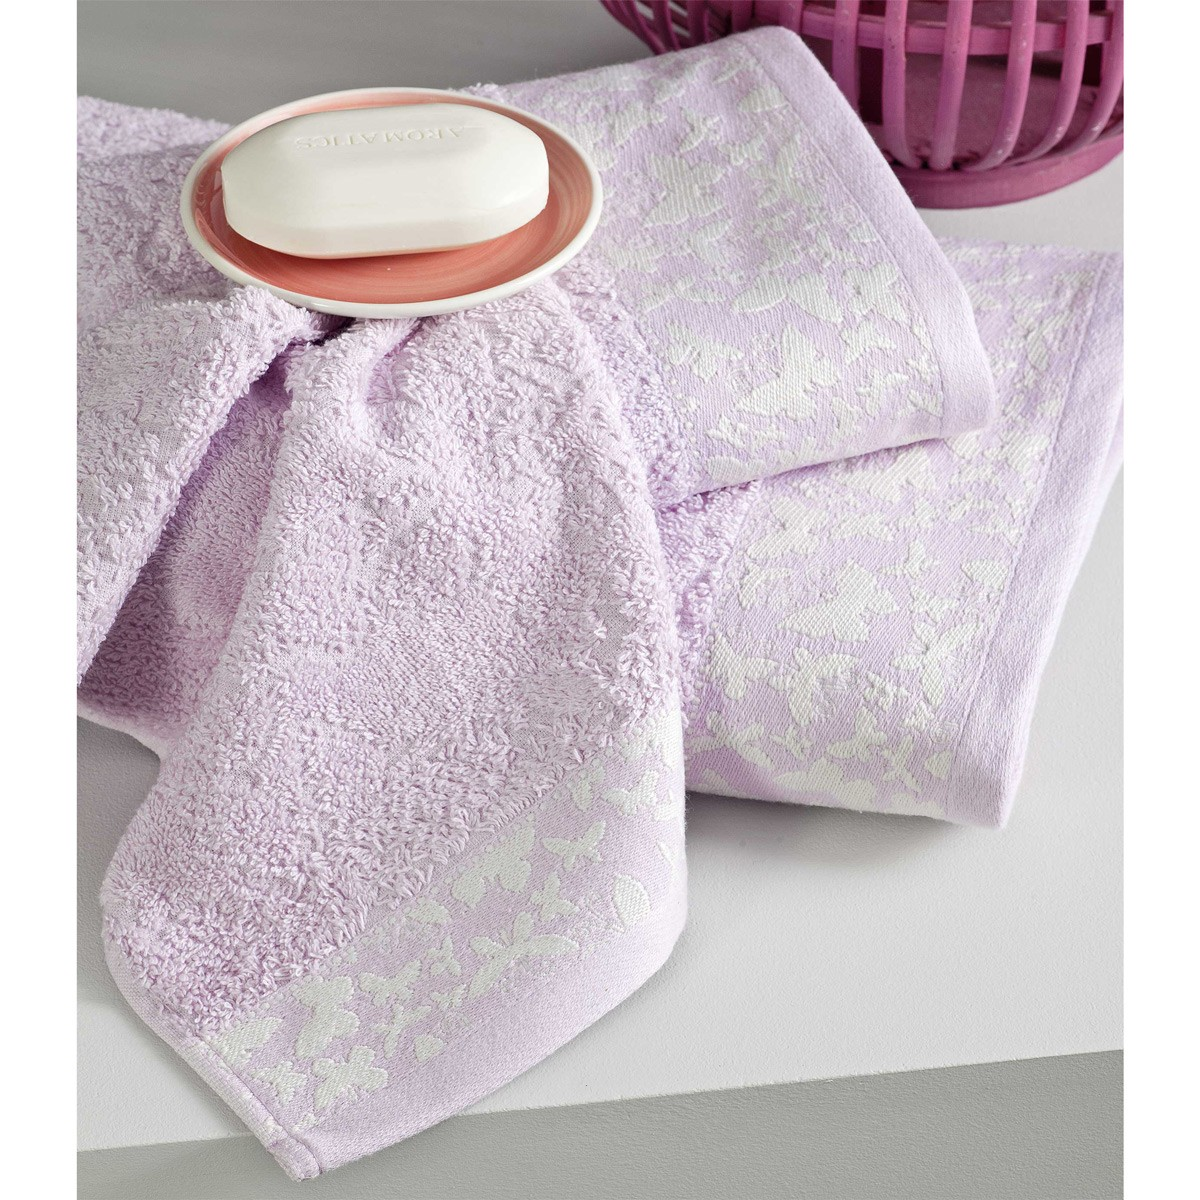 Πετσέτα Σώματος (70x140) Nima Towels Farfatte